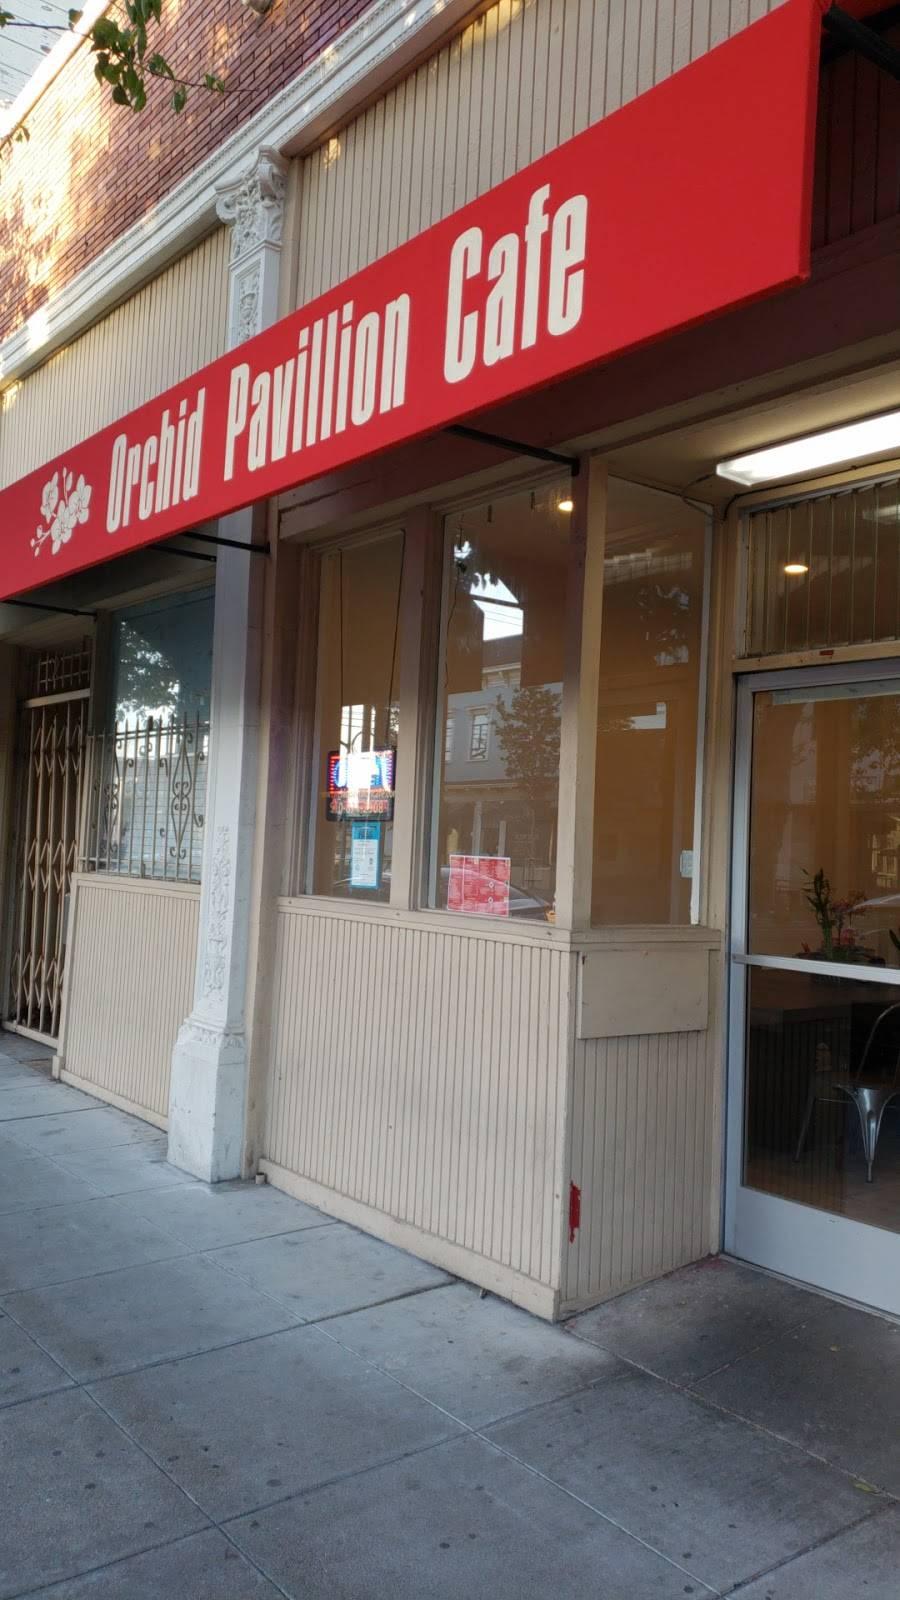 Orchid Pavillion Cafe | restaurant | 1540 Webster St, Alameda, CA 94501, USA | 5108712908 OR +1 510-871-2908